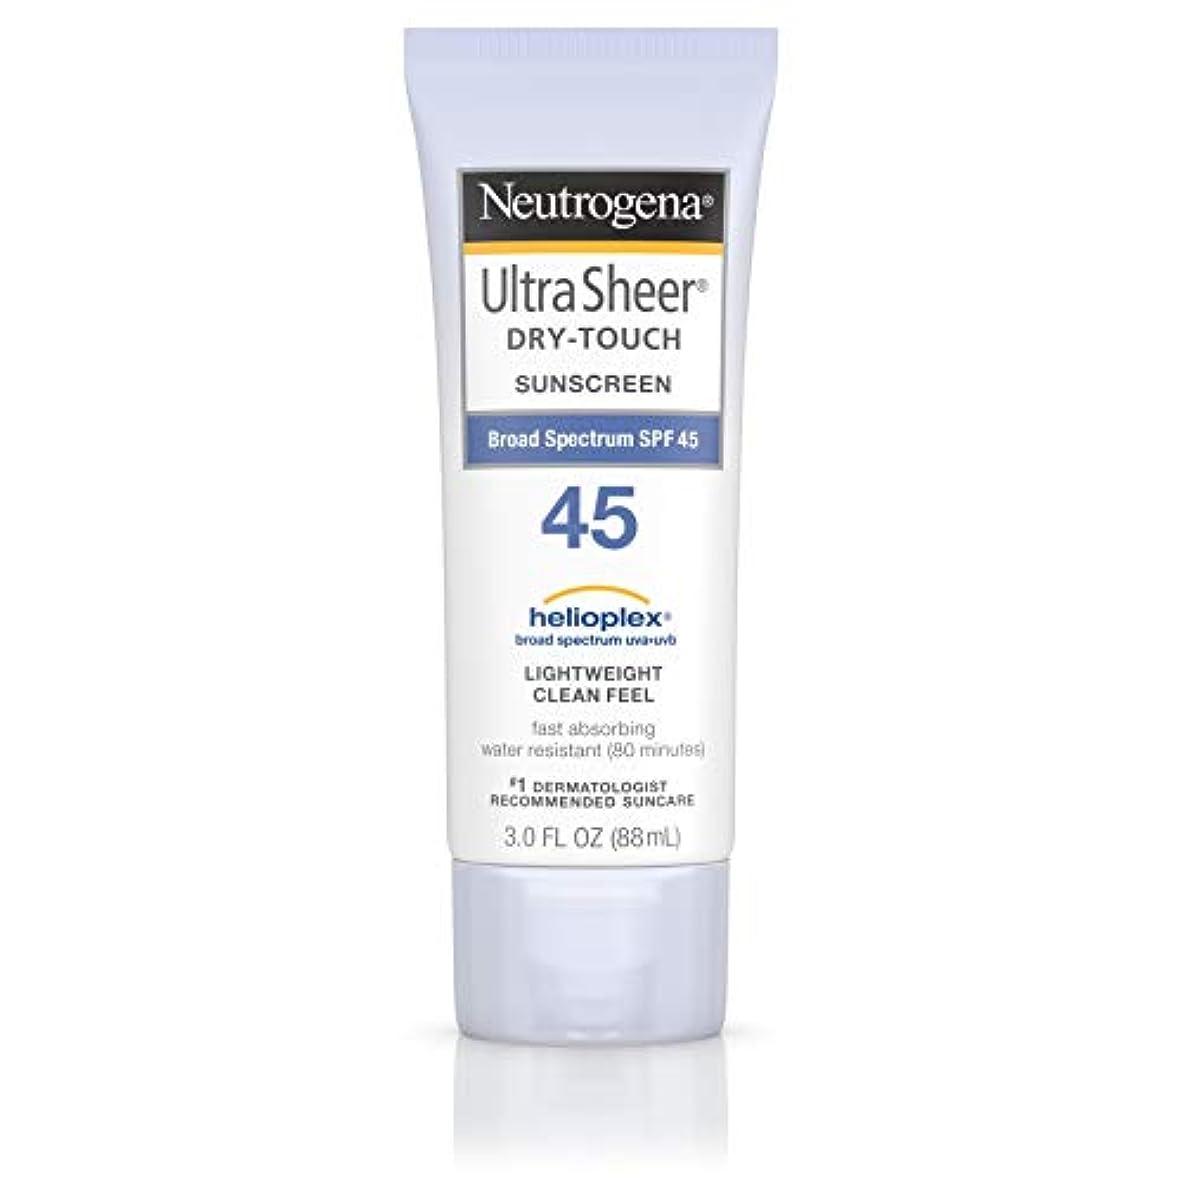 遠えハンバーガー対話海外直送品 Neutrogena Neutrogena Ultra Sheer Dry-Touch Sunblock Spf 45【並行輸入品】